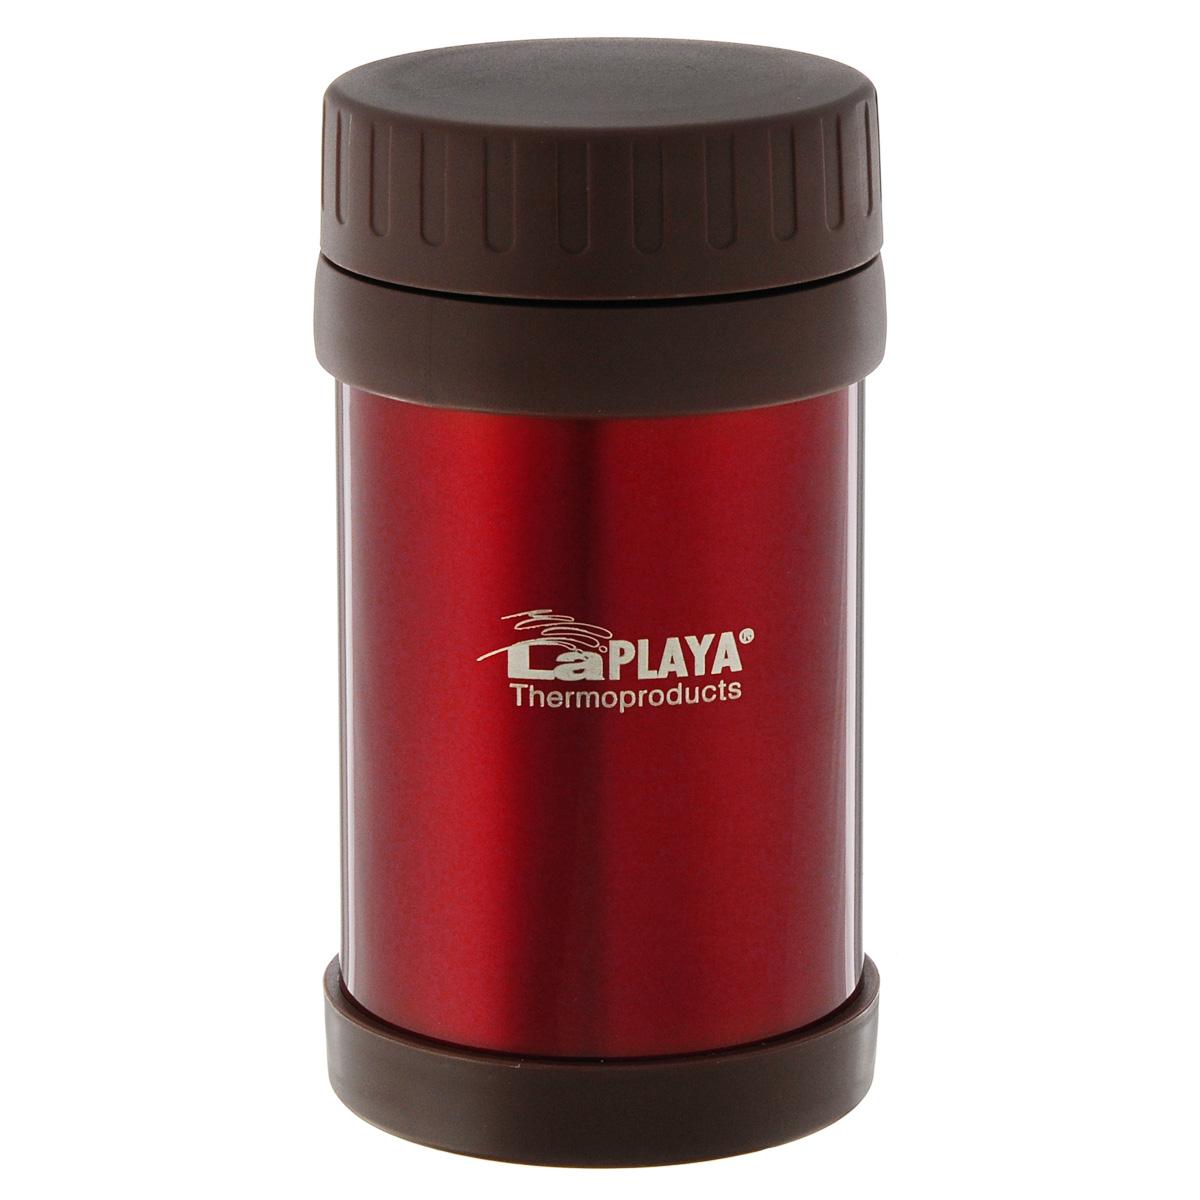 Термос для еды LaPlaya Food Container, цвет: красный, 500 мл115510Корпус термоса LaPlaya Food Container изготовлен из высококачественной нержавеющей стали с двумя стенками и превосходной вакуумной изоляцией. Термос оснащен крышкой, благодаря которой сохраняется абсолютная герметичность. Изделие имеет большое горлышко, поэтому идеально подходит для салатов, закусок, первых и вторых блюд.Такой термос удобен в использовании и станет полезным подарком. Нельзя мыть в посудомоечной машине. Диаметр (по верхнему краю): 7 см. Диаметр основания: 8,5 см. Высота (без учета крышки): 15,5 см.